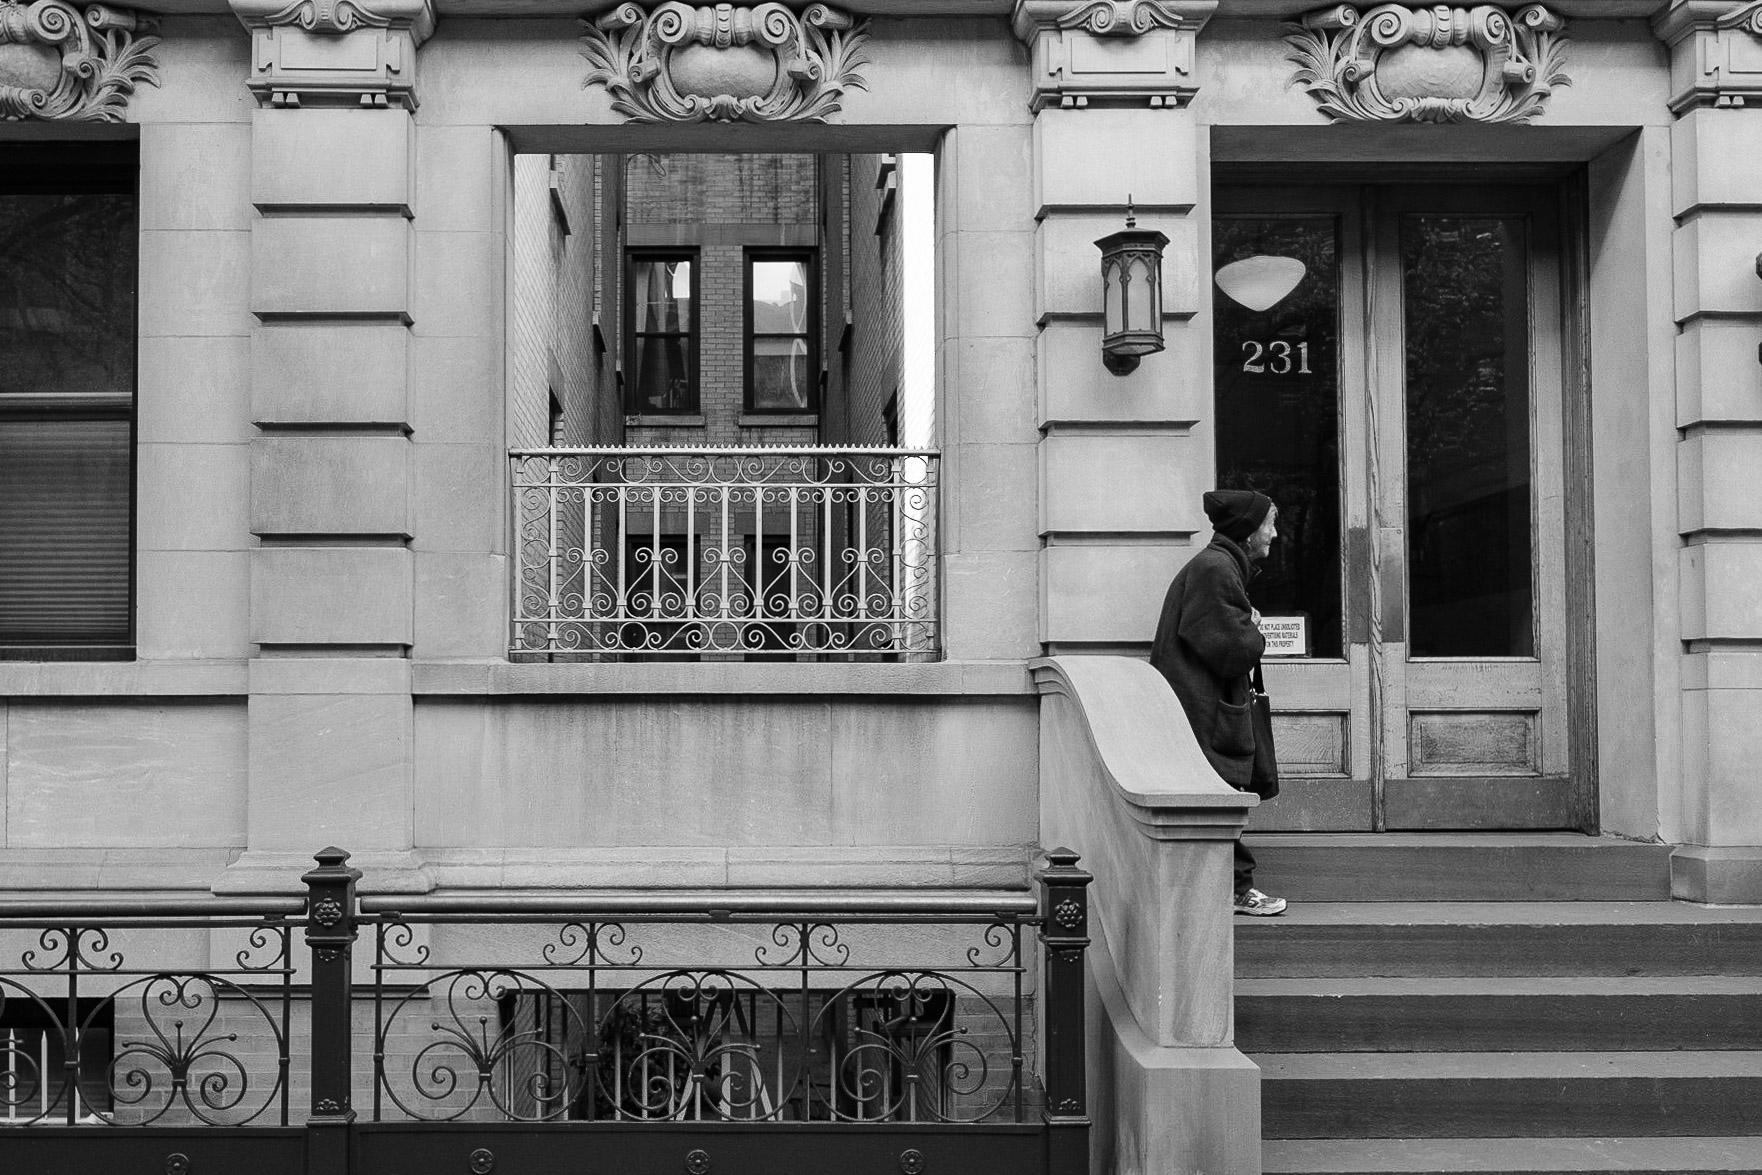 courtyard-facade-chelsea-bw-photography-zach-barocas